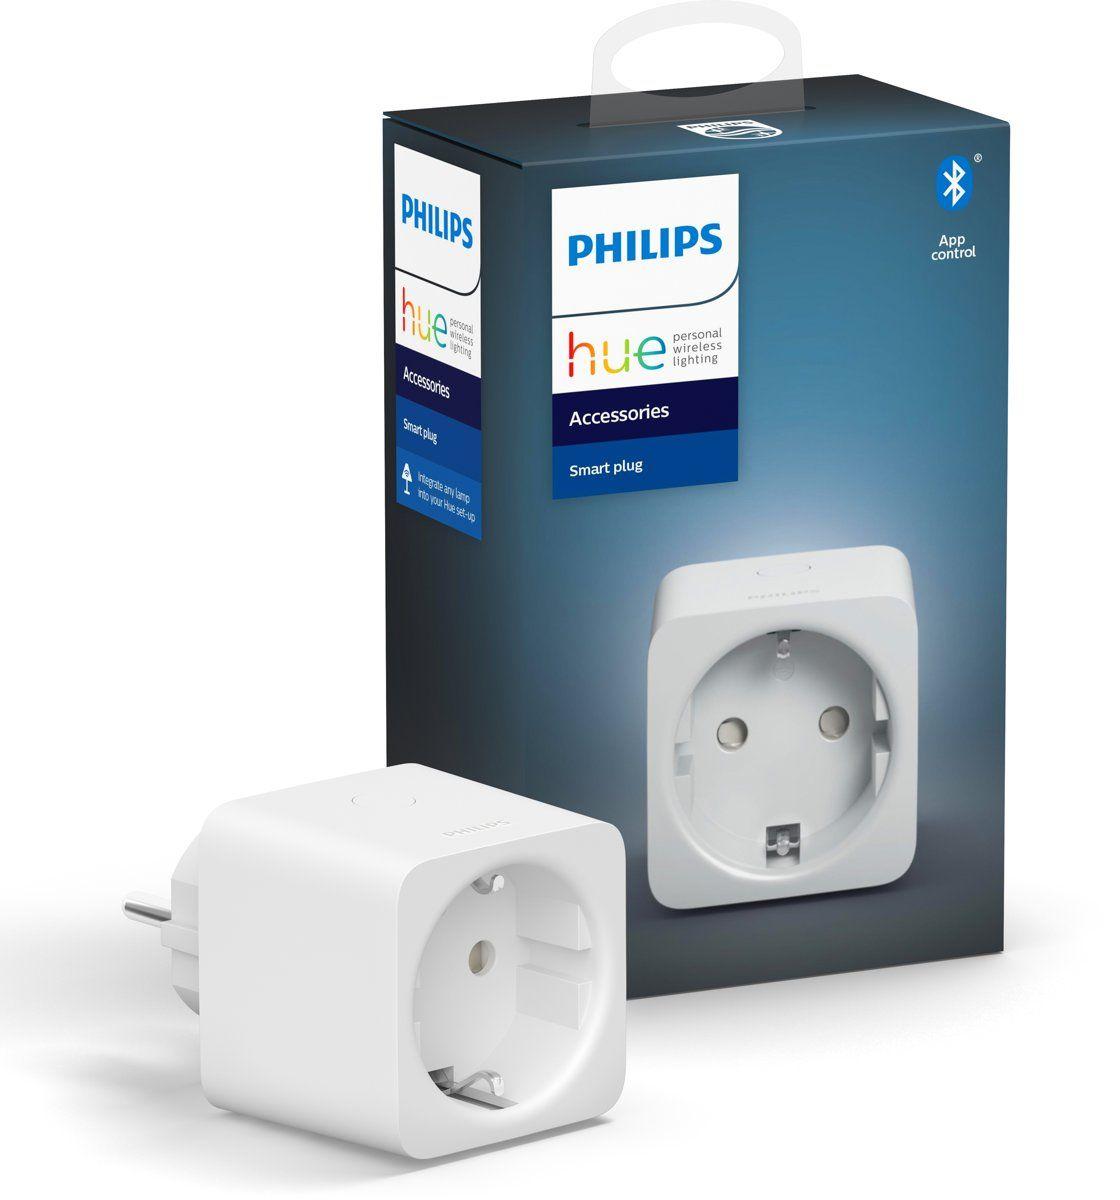 Philips Hue smart plug met EU stekker (Bol.com select voordeel)